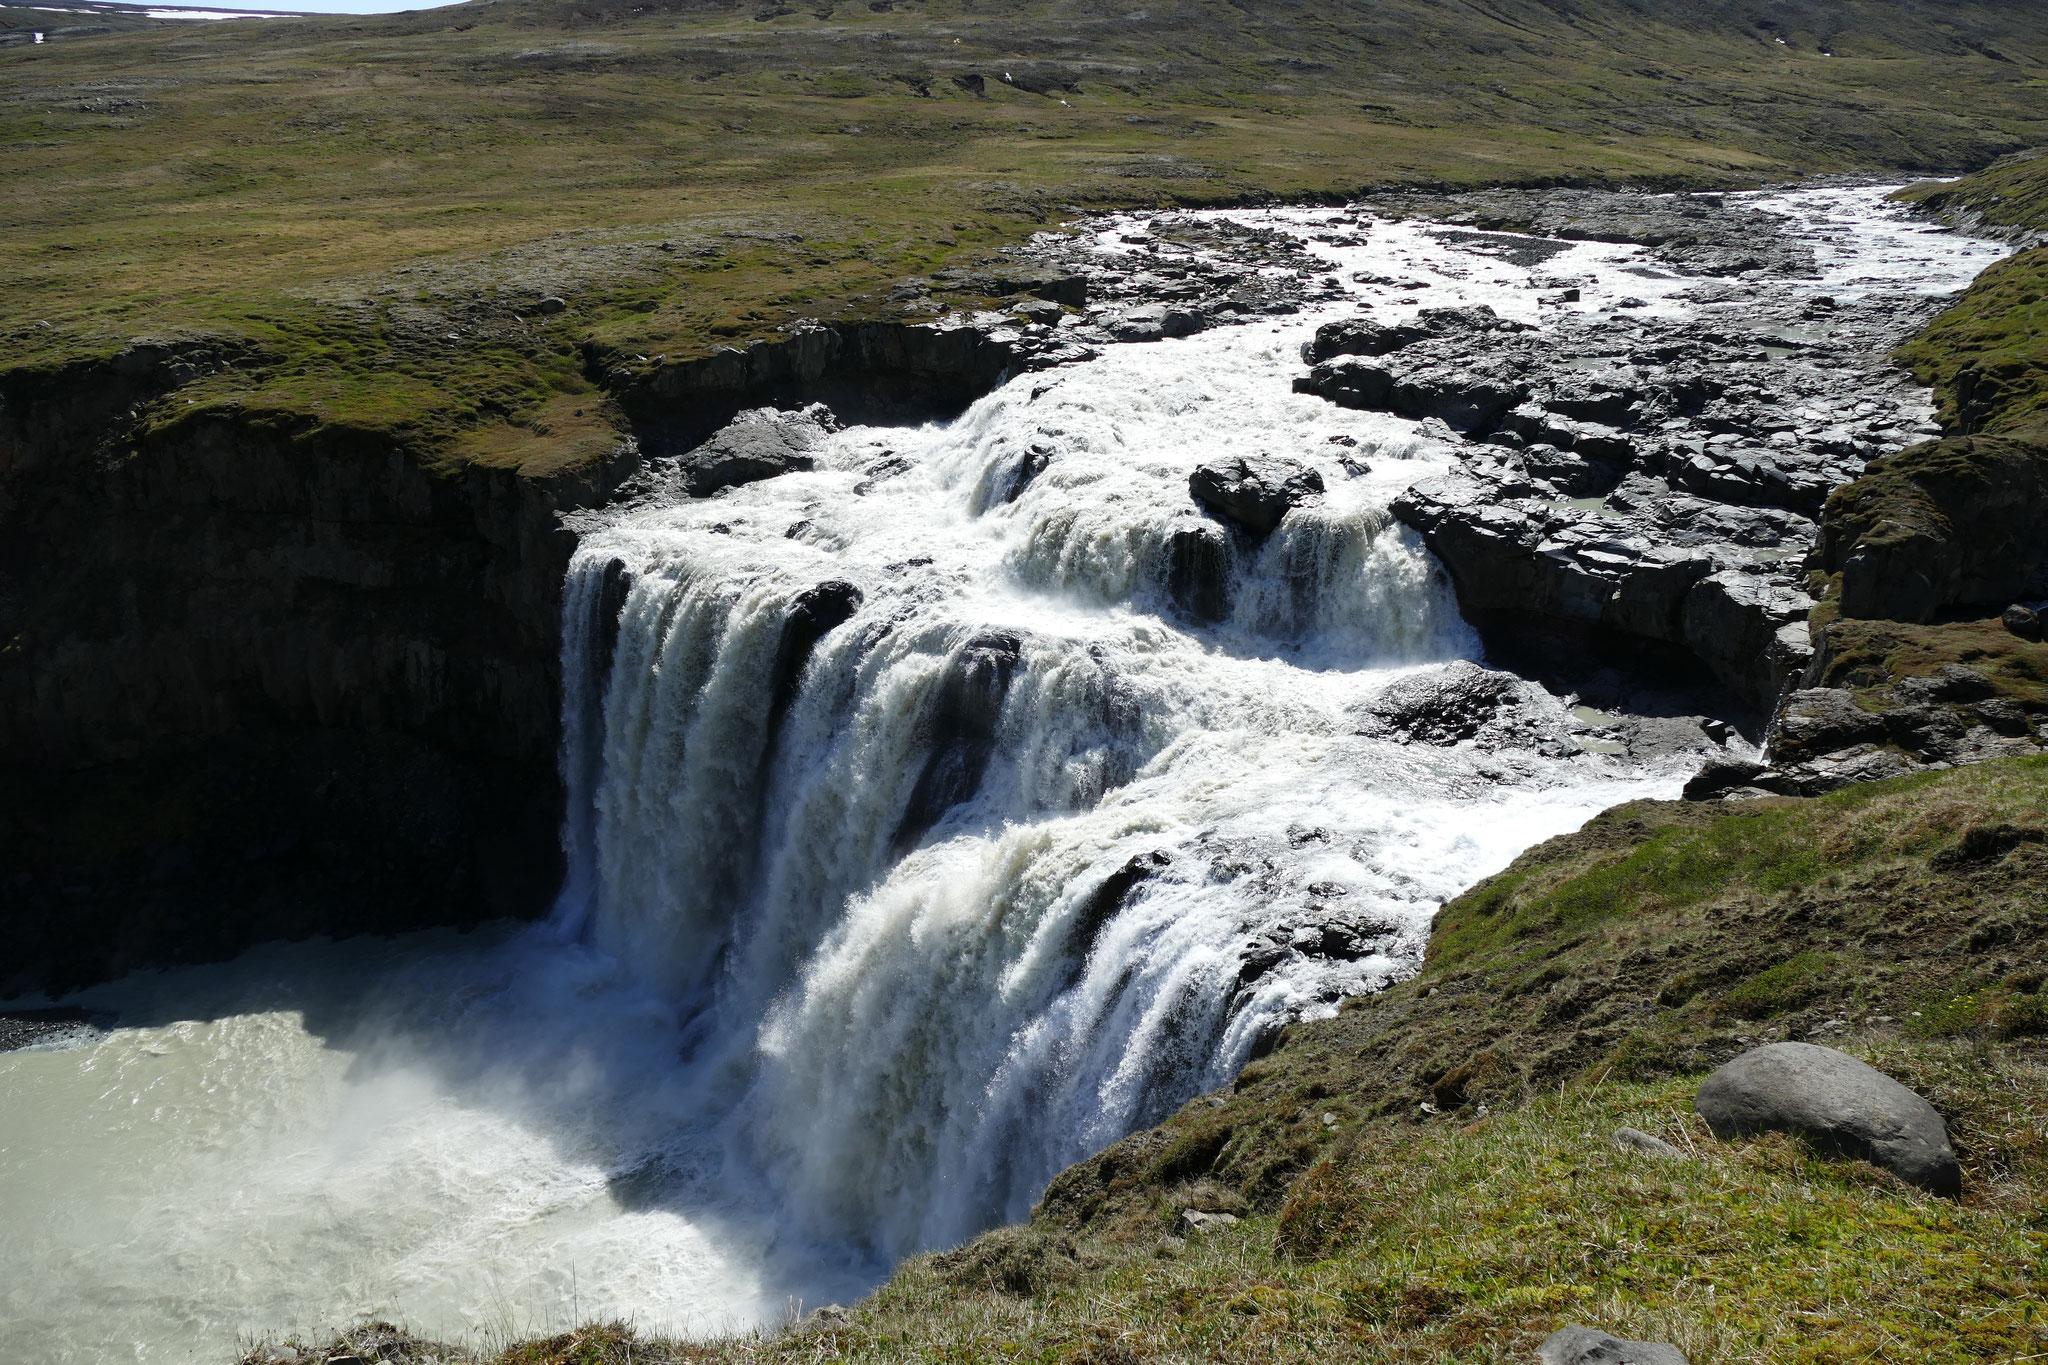 Kleiner aber feiner Wasserfall bei Laugarfell